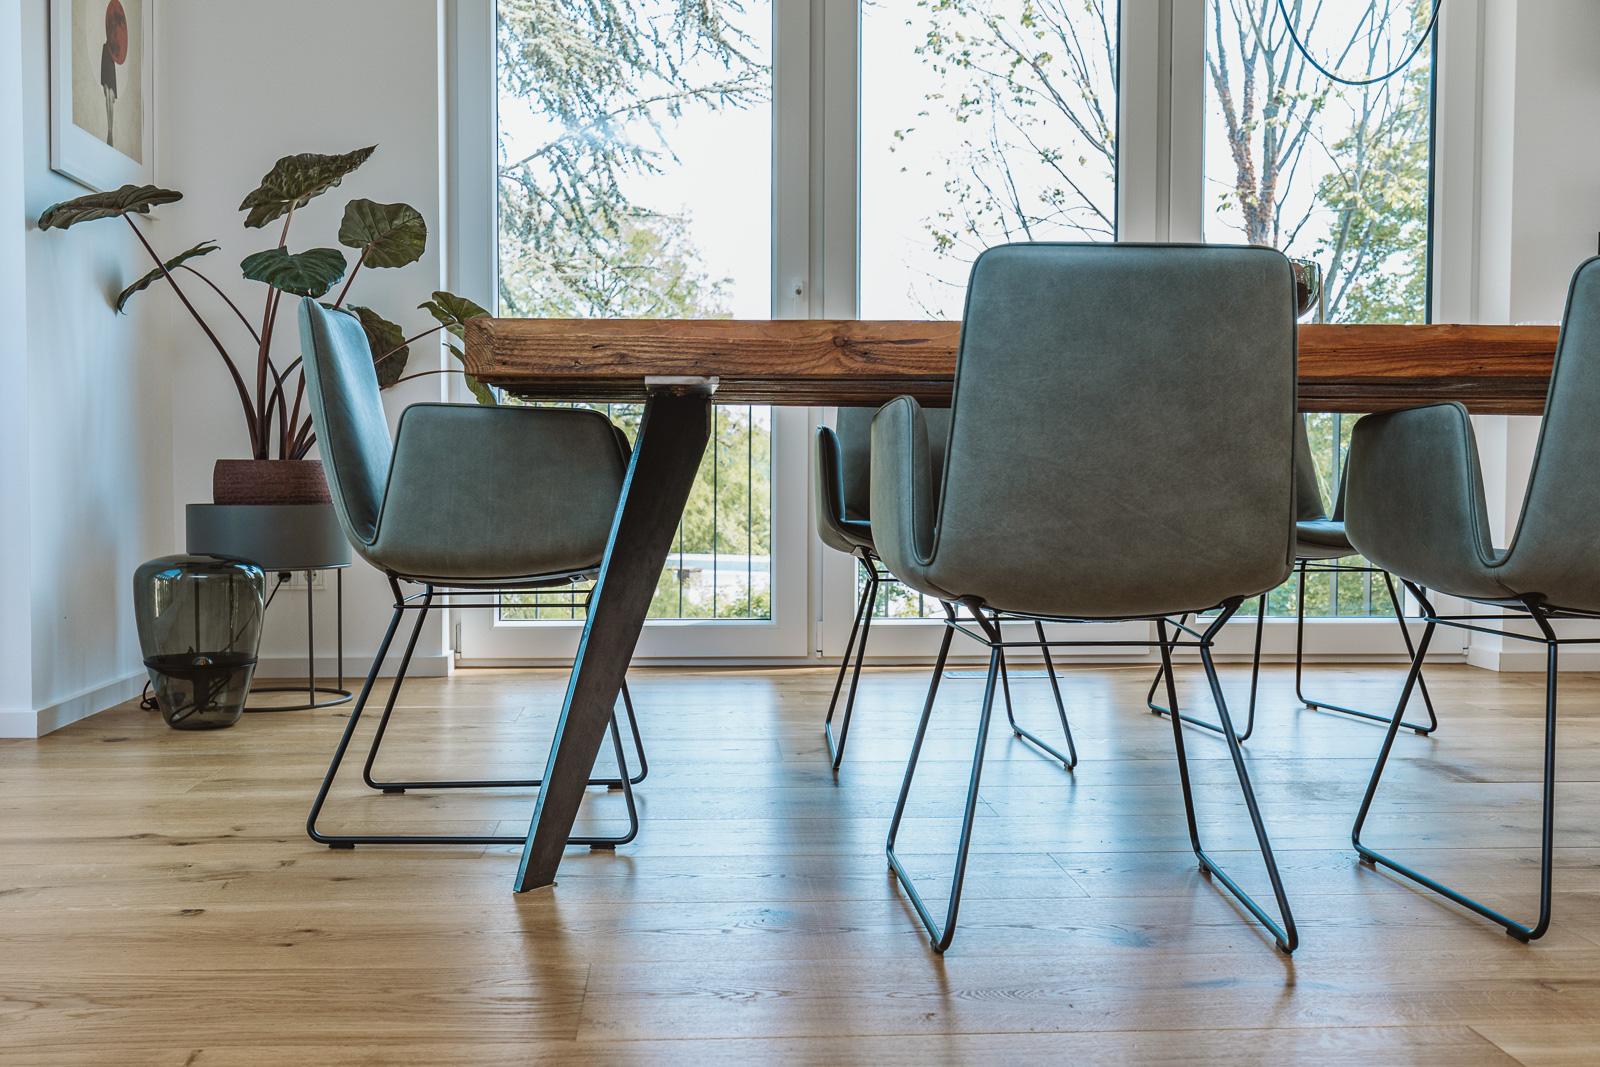 Produktfotograf Bernadett Yehdou - T&R räumegestalten - Tischvorstellung